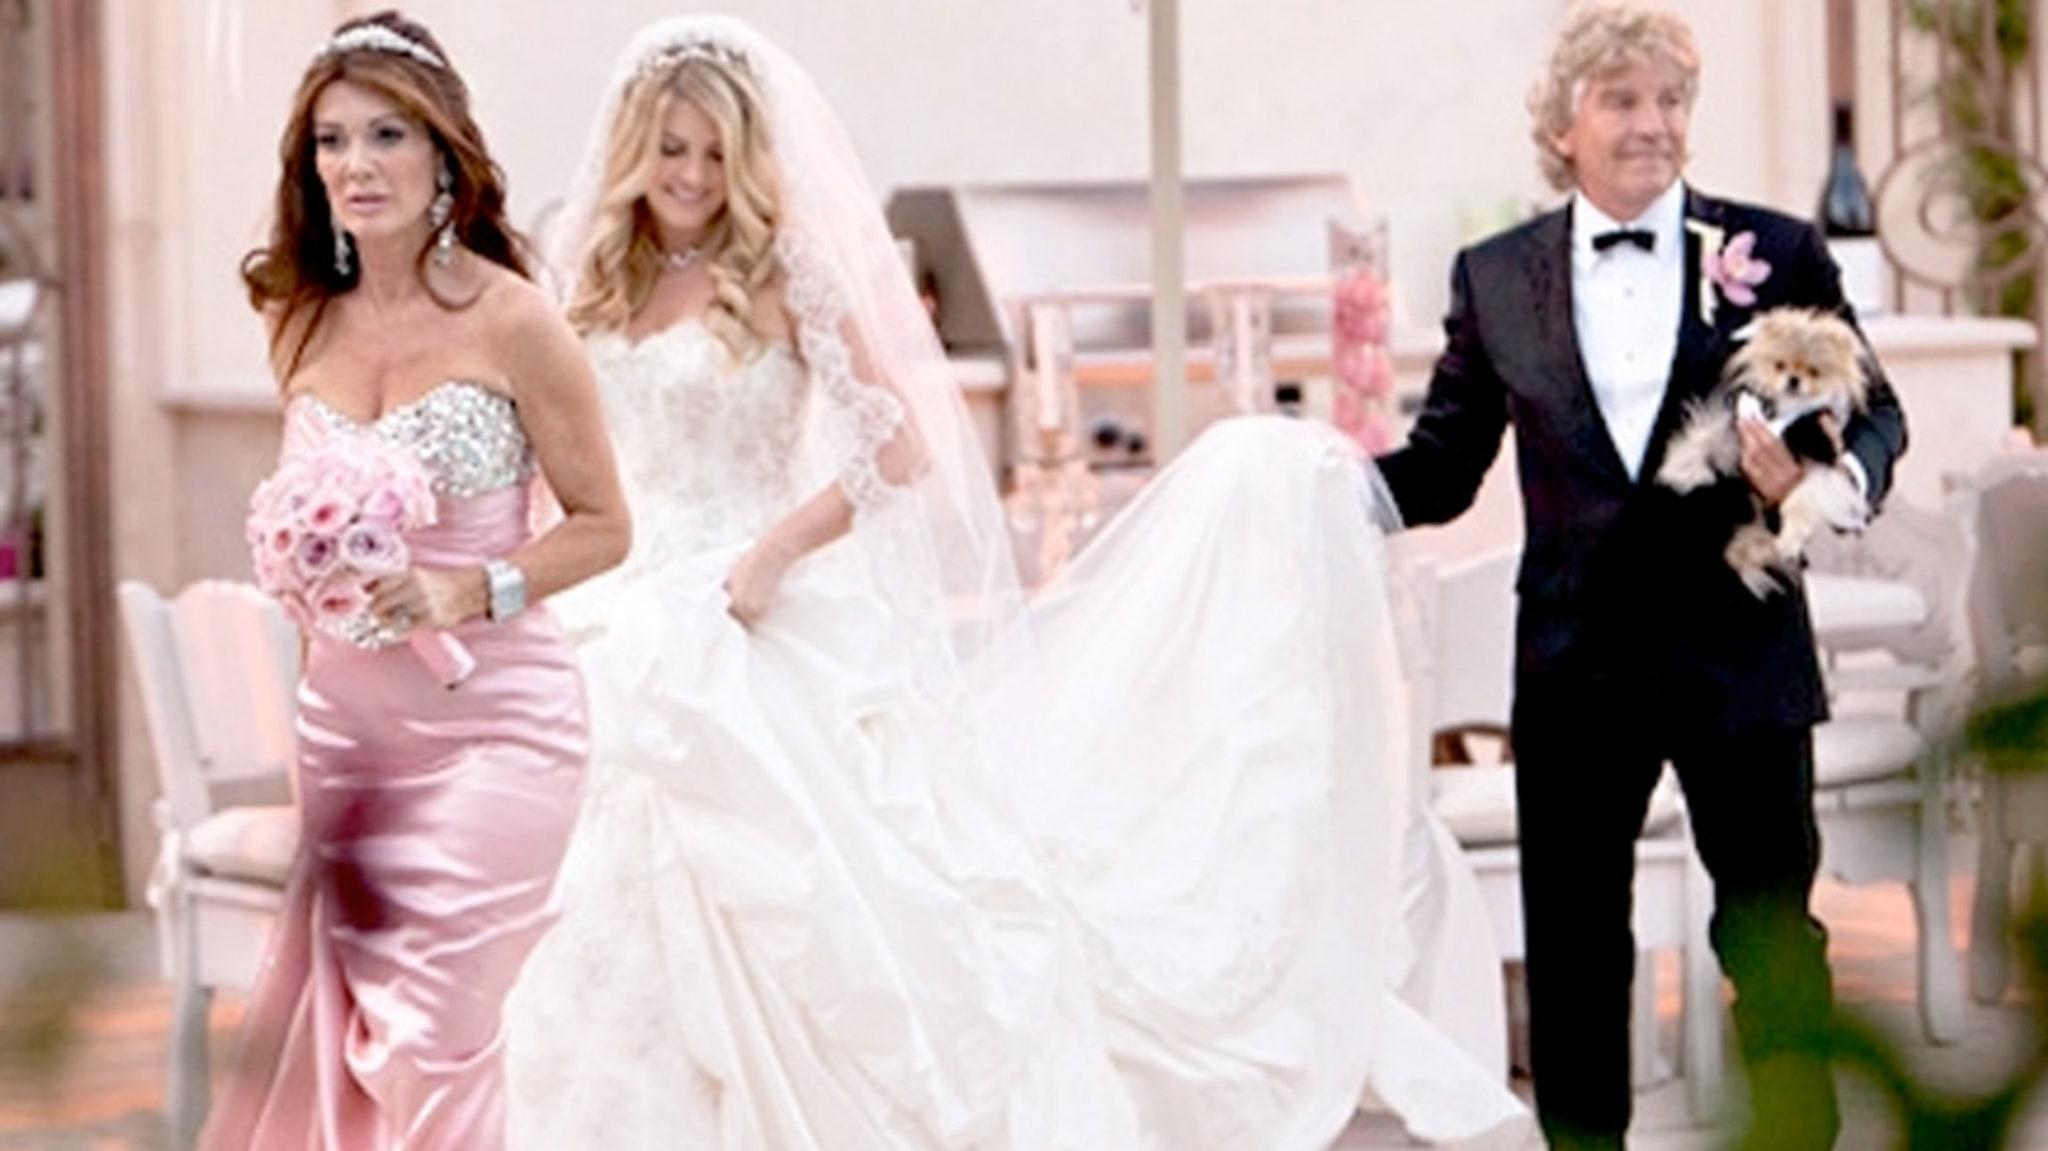 Lisa Vanderpump's Daughter Gets Married: See the Extravagant Ceremony!